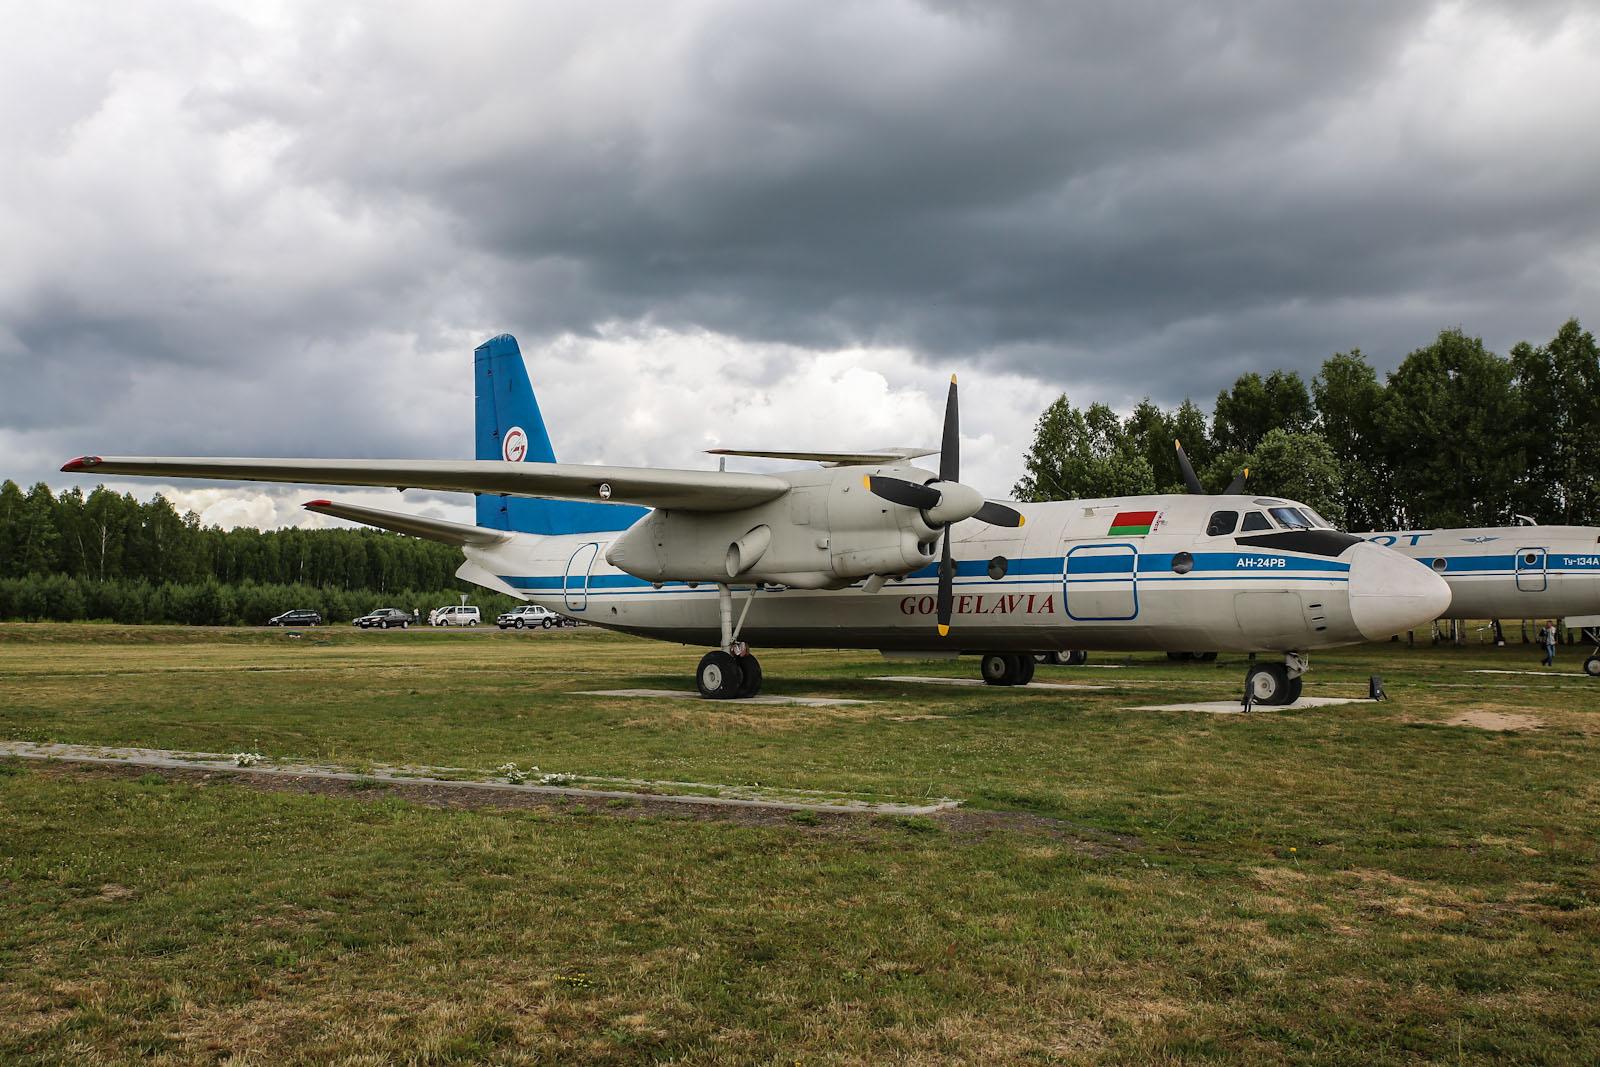 Самолет Ан-24 Гомельавиа на привокзальной площади в аэропорту Минска